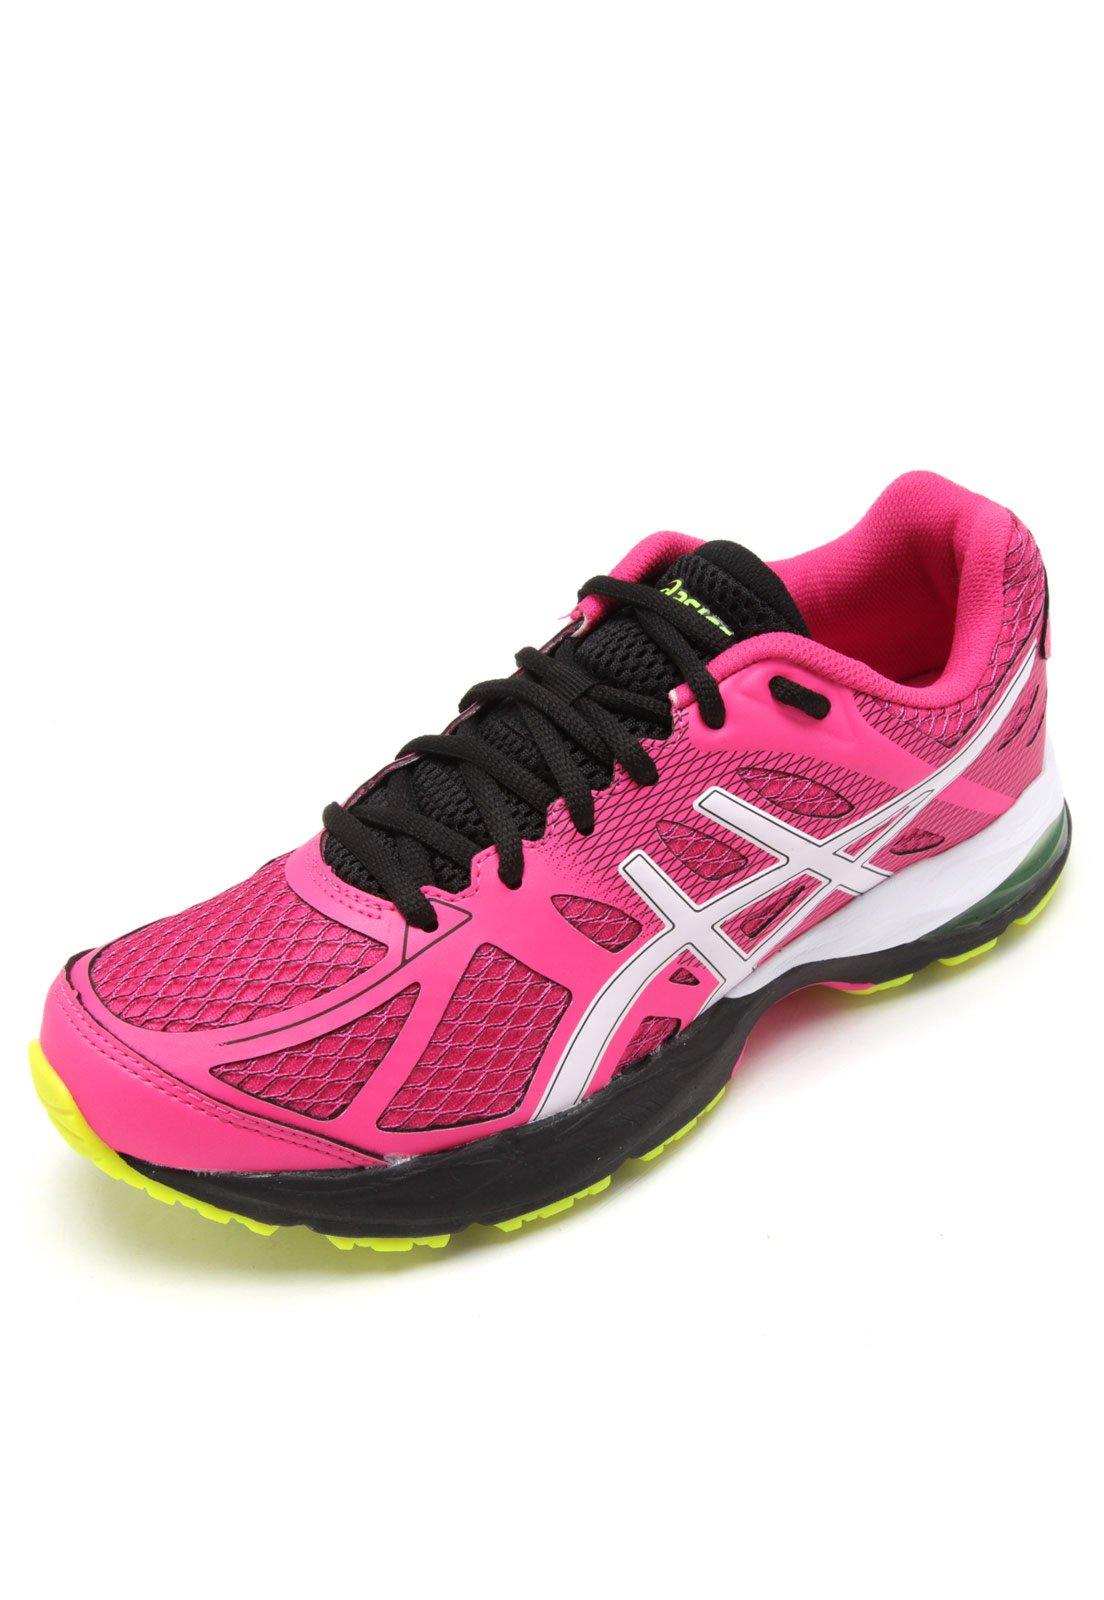 tenis asics feminino tamanho 40 rosa